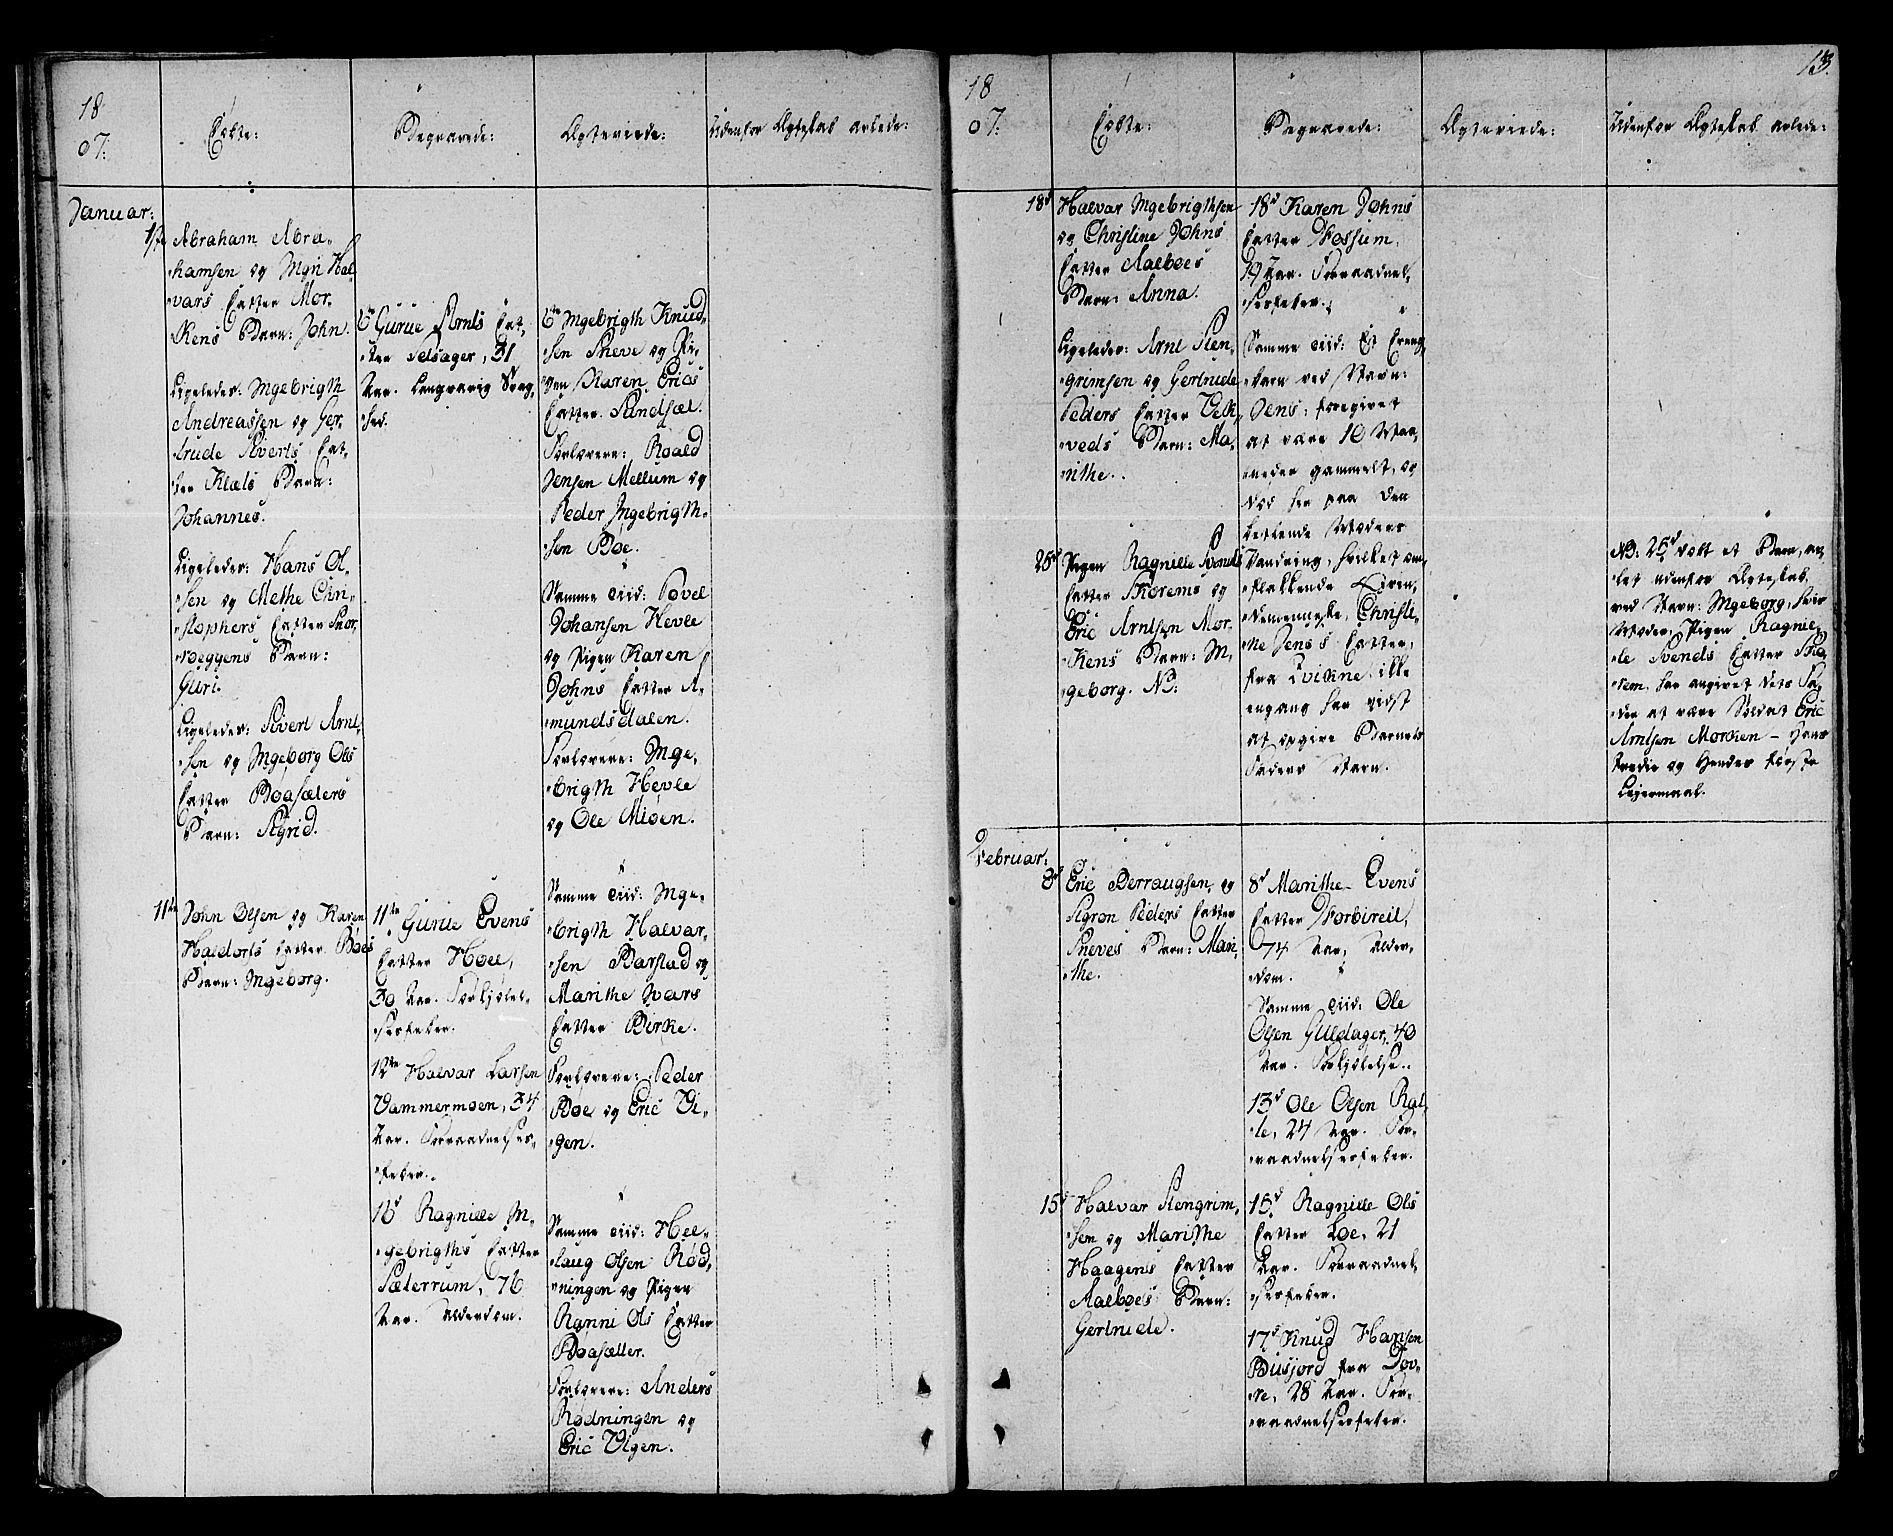 SAT, Ministerialprotokoller, klokkerbøker og fødselsregistre - Sør-Trøndelag, 678/L0894: Ministerialbok nr. 678A04, 1806-1815, s. 13